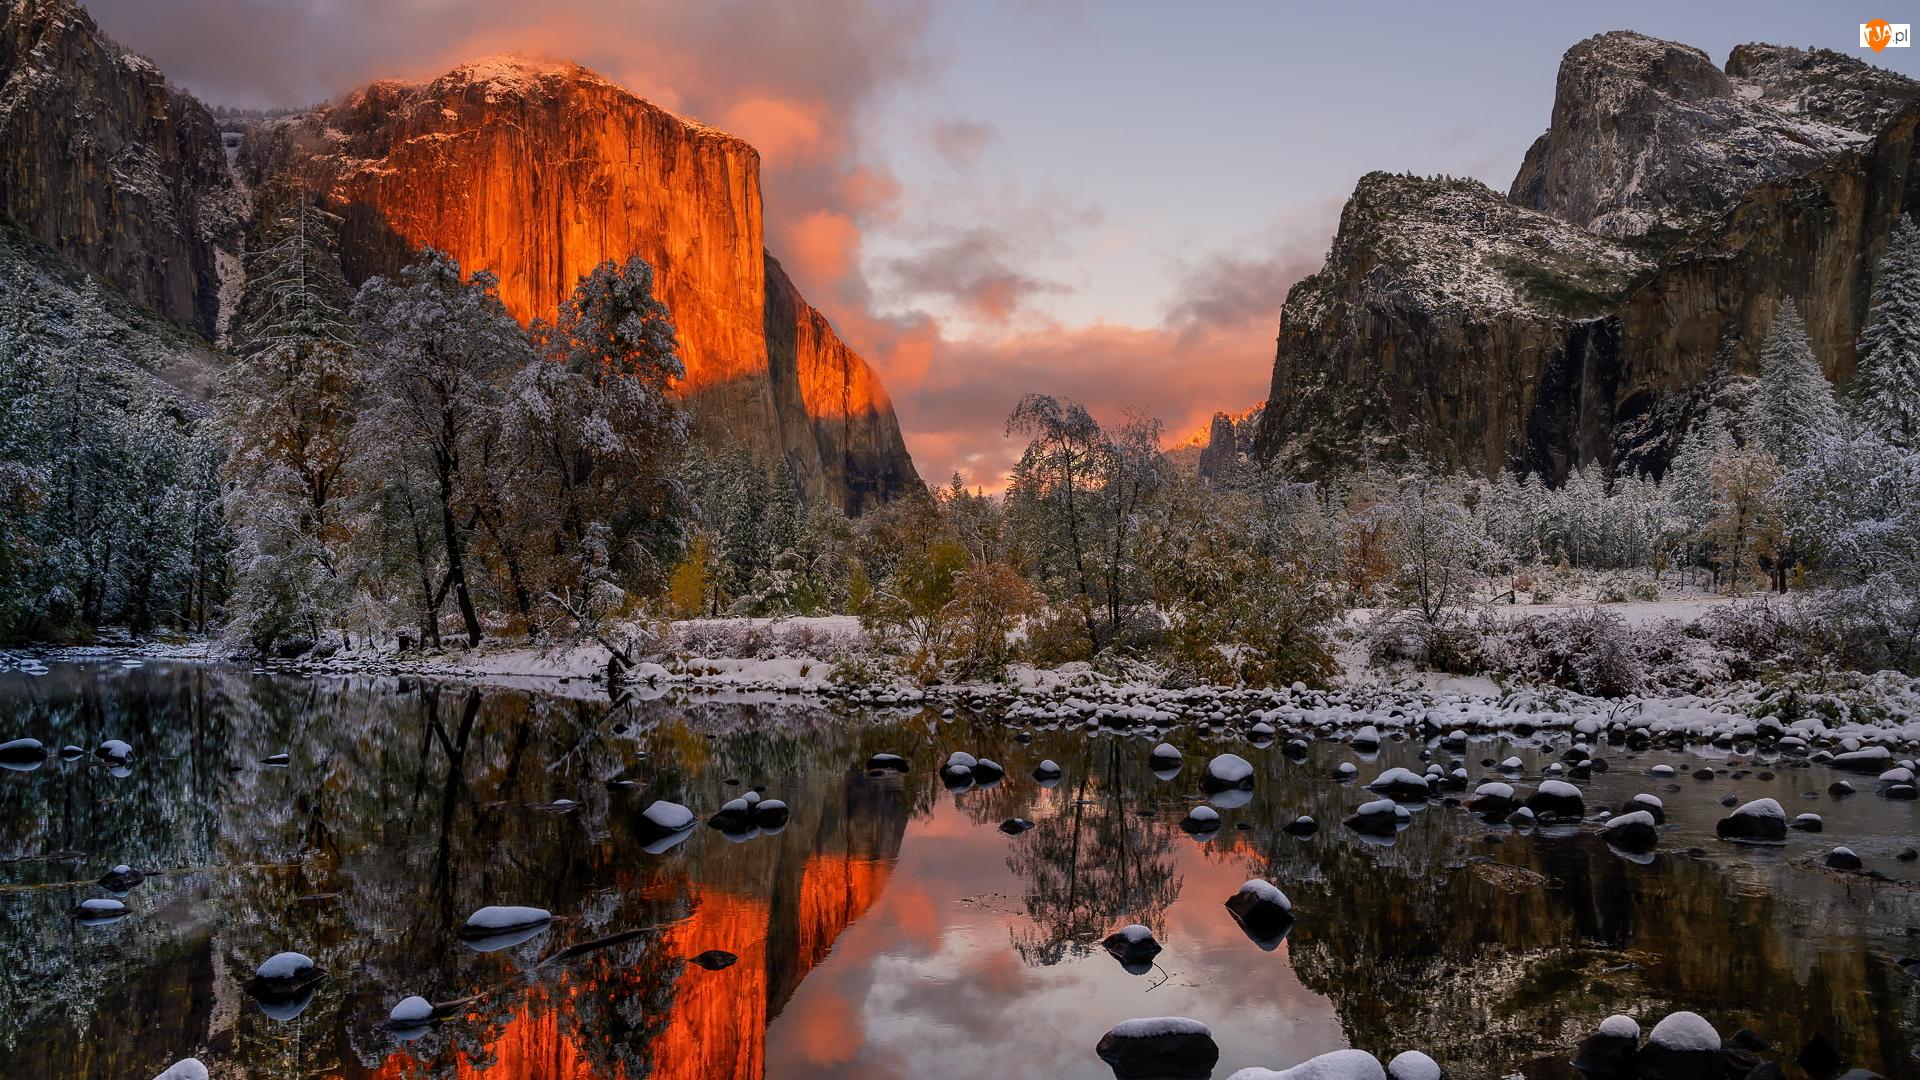 Szczyt El Capitan, Drzewa, Śnieg, Rzeka, Góry, Stan Kalifornia, Dolina Yosemite Valley, Park Narodowy Yosemite, Merced River, Rozświetlony, Stany Zjednoczone